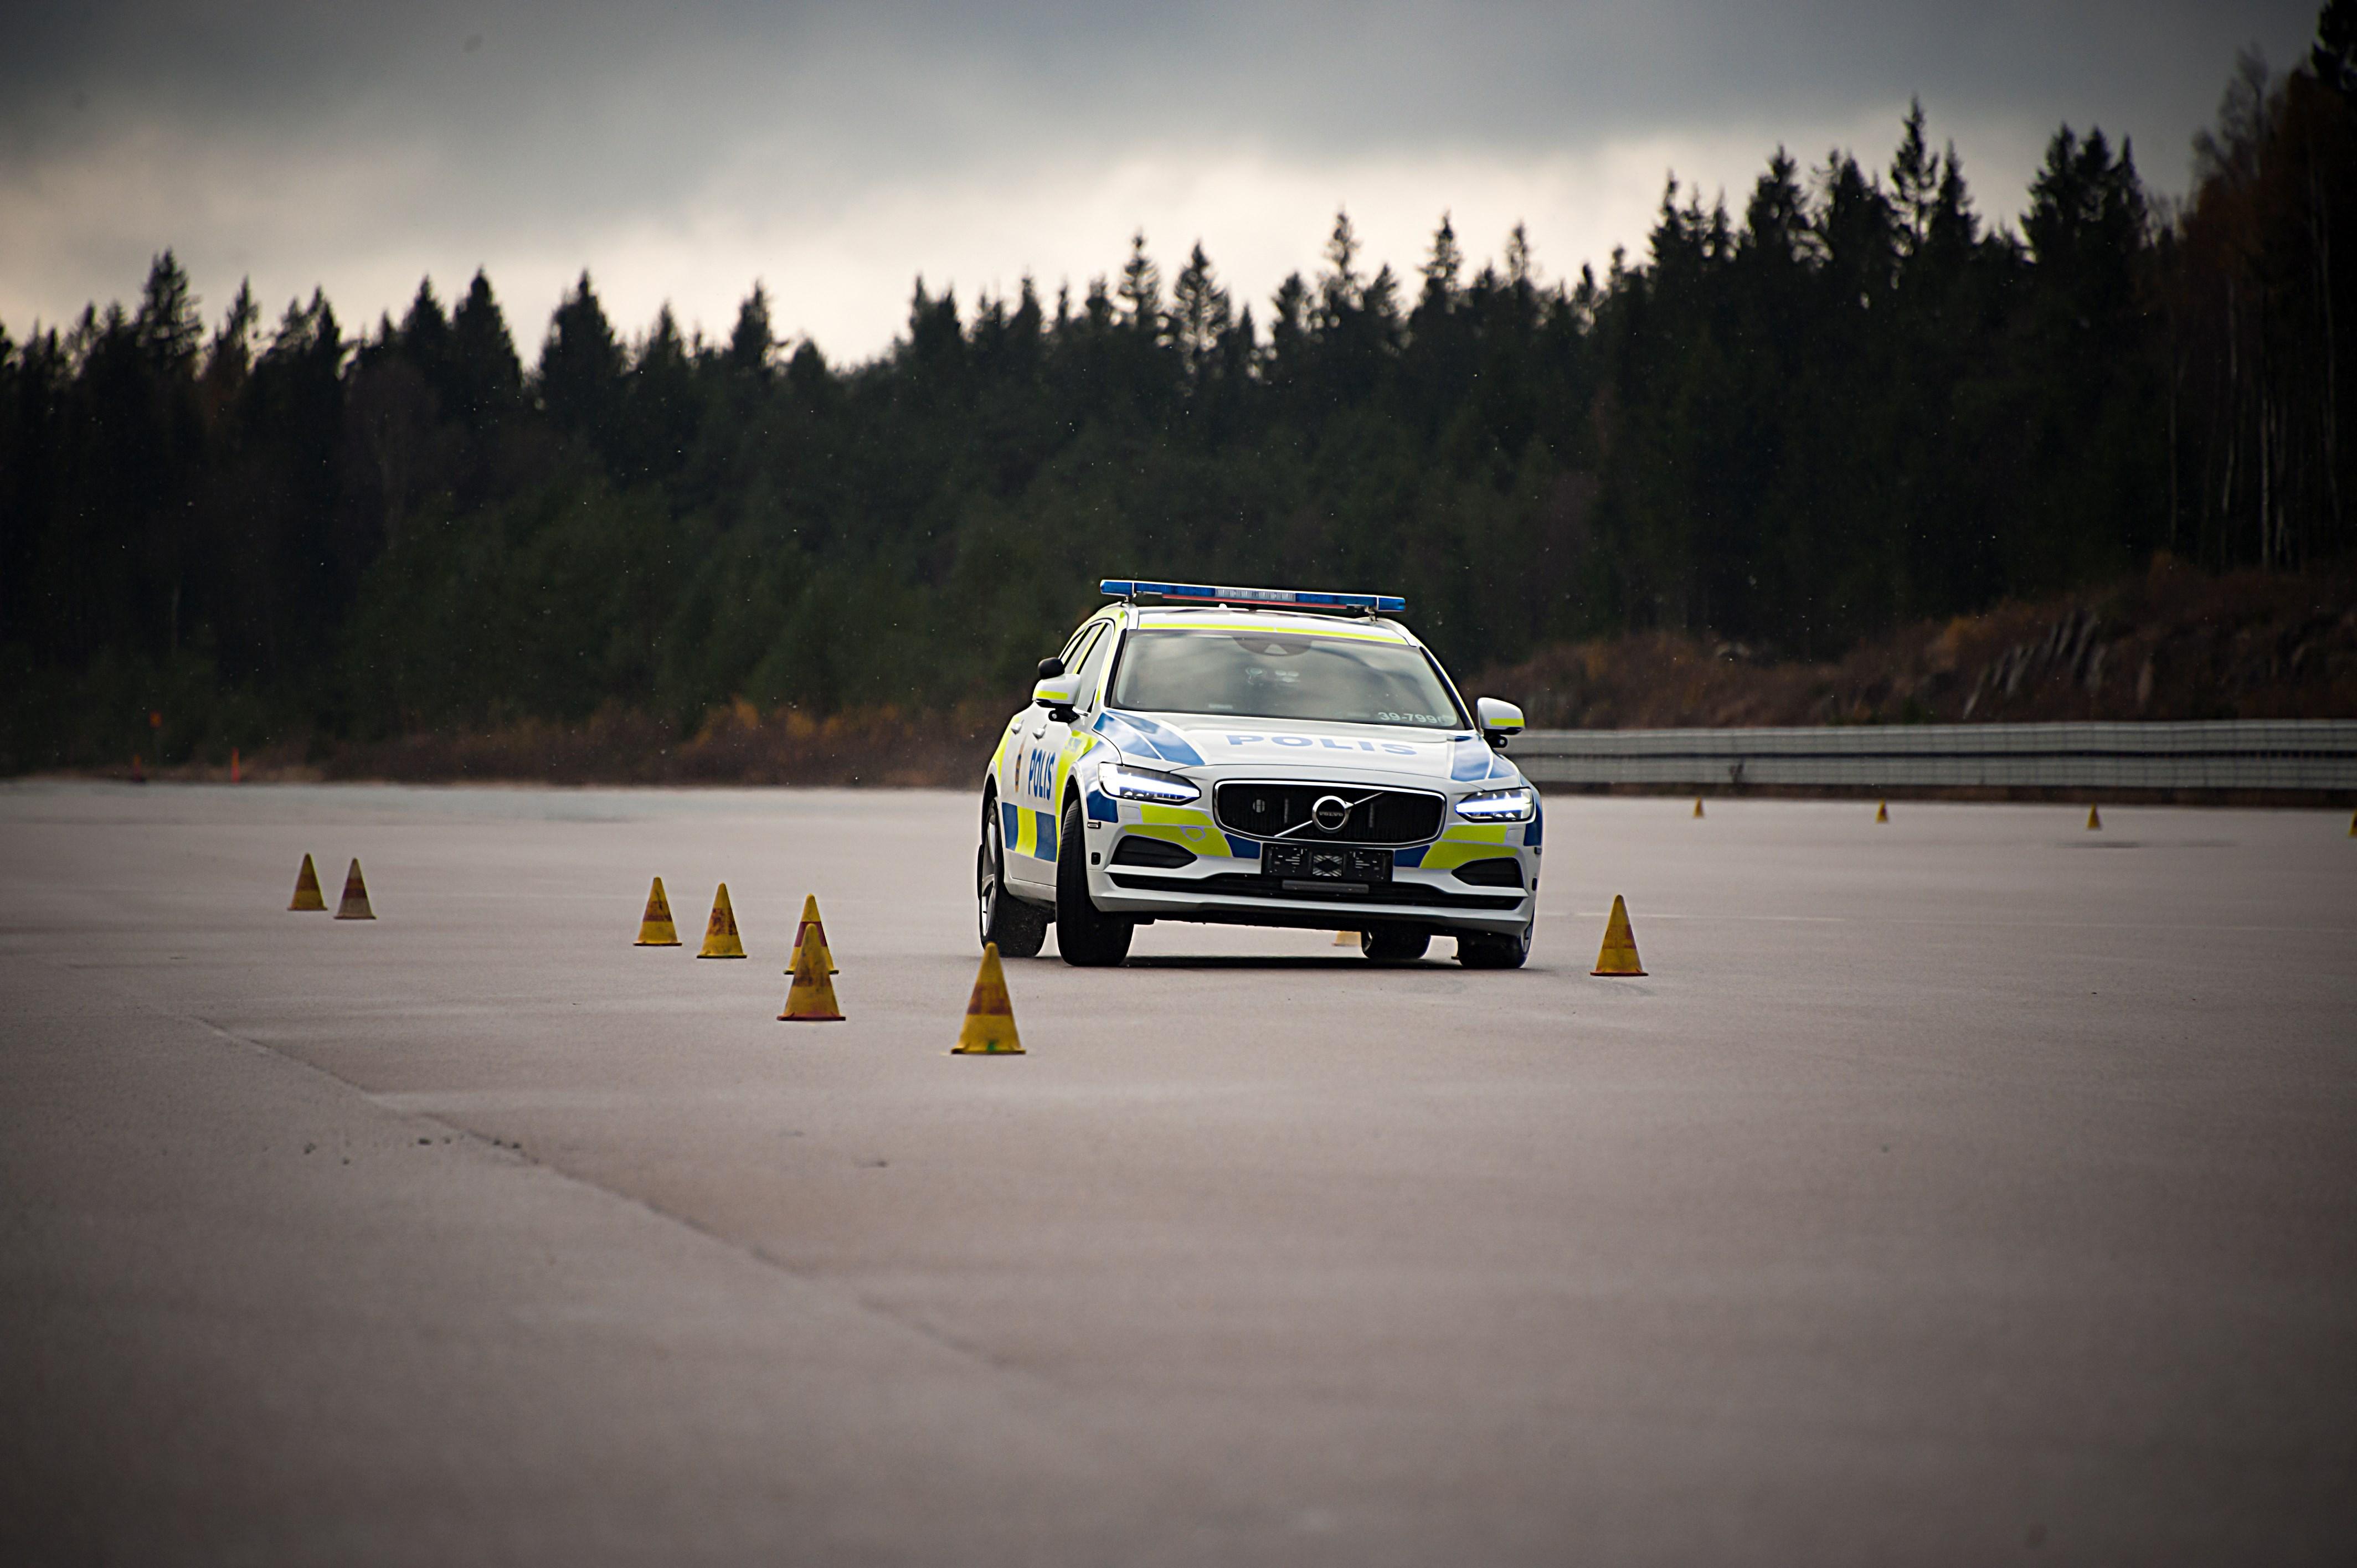 201325_volvo_v90_as_a_police_car.jpg